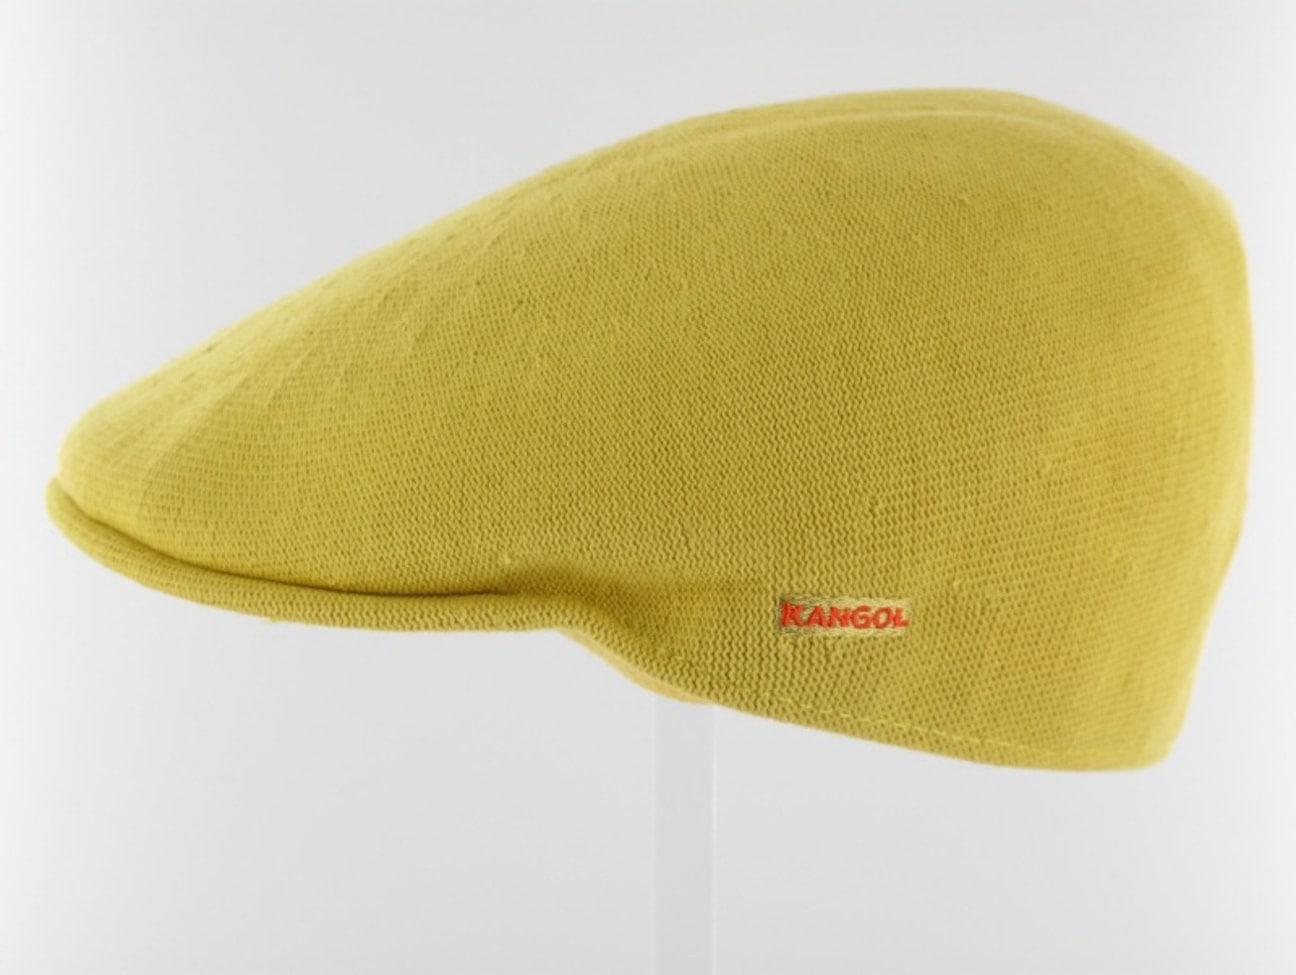 ... Kangol Bamboo Flat Cap 507 - yellow 1 ... 7d04d0e8018